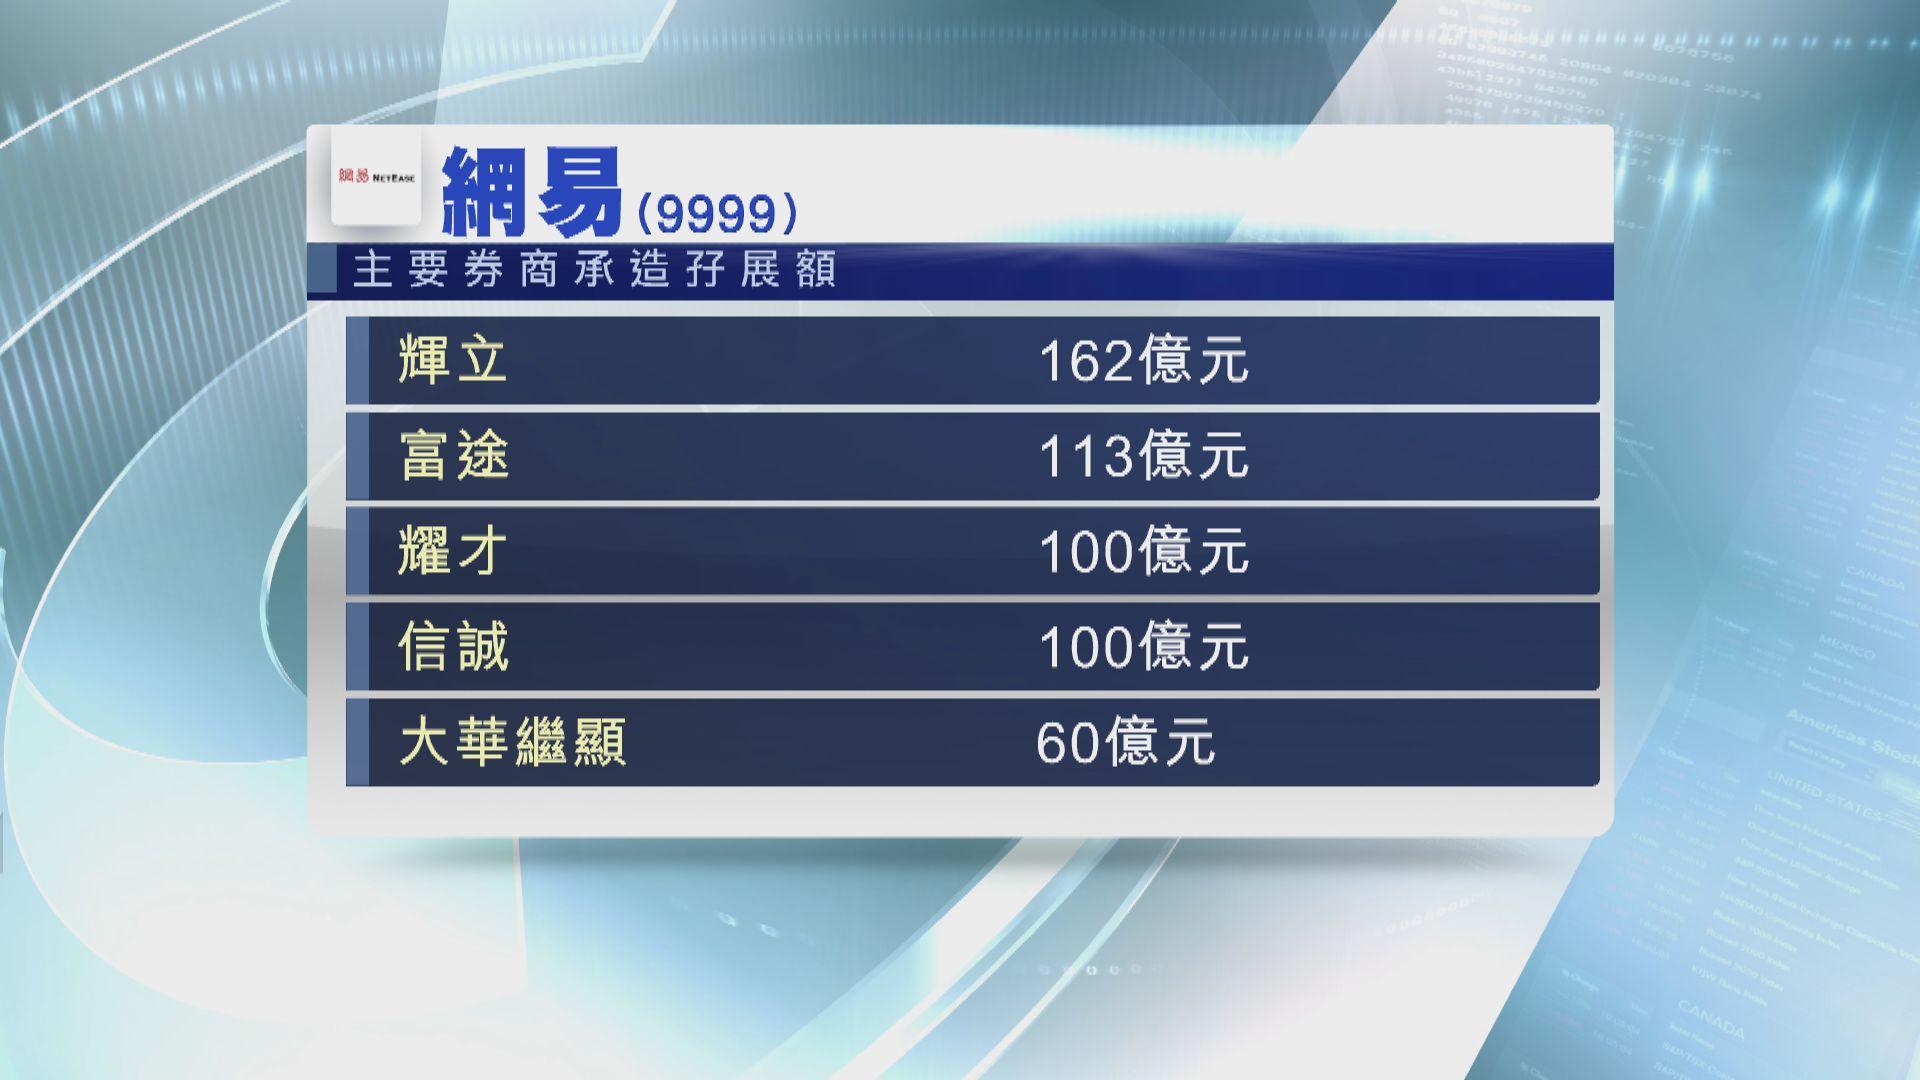 網易招股第三日孖展額近600億元